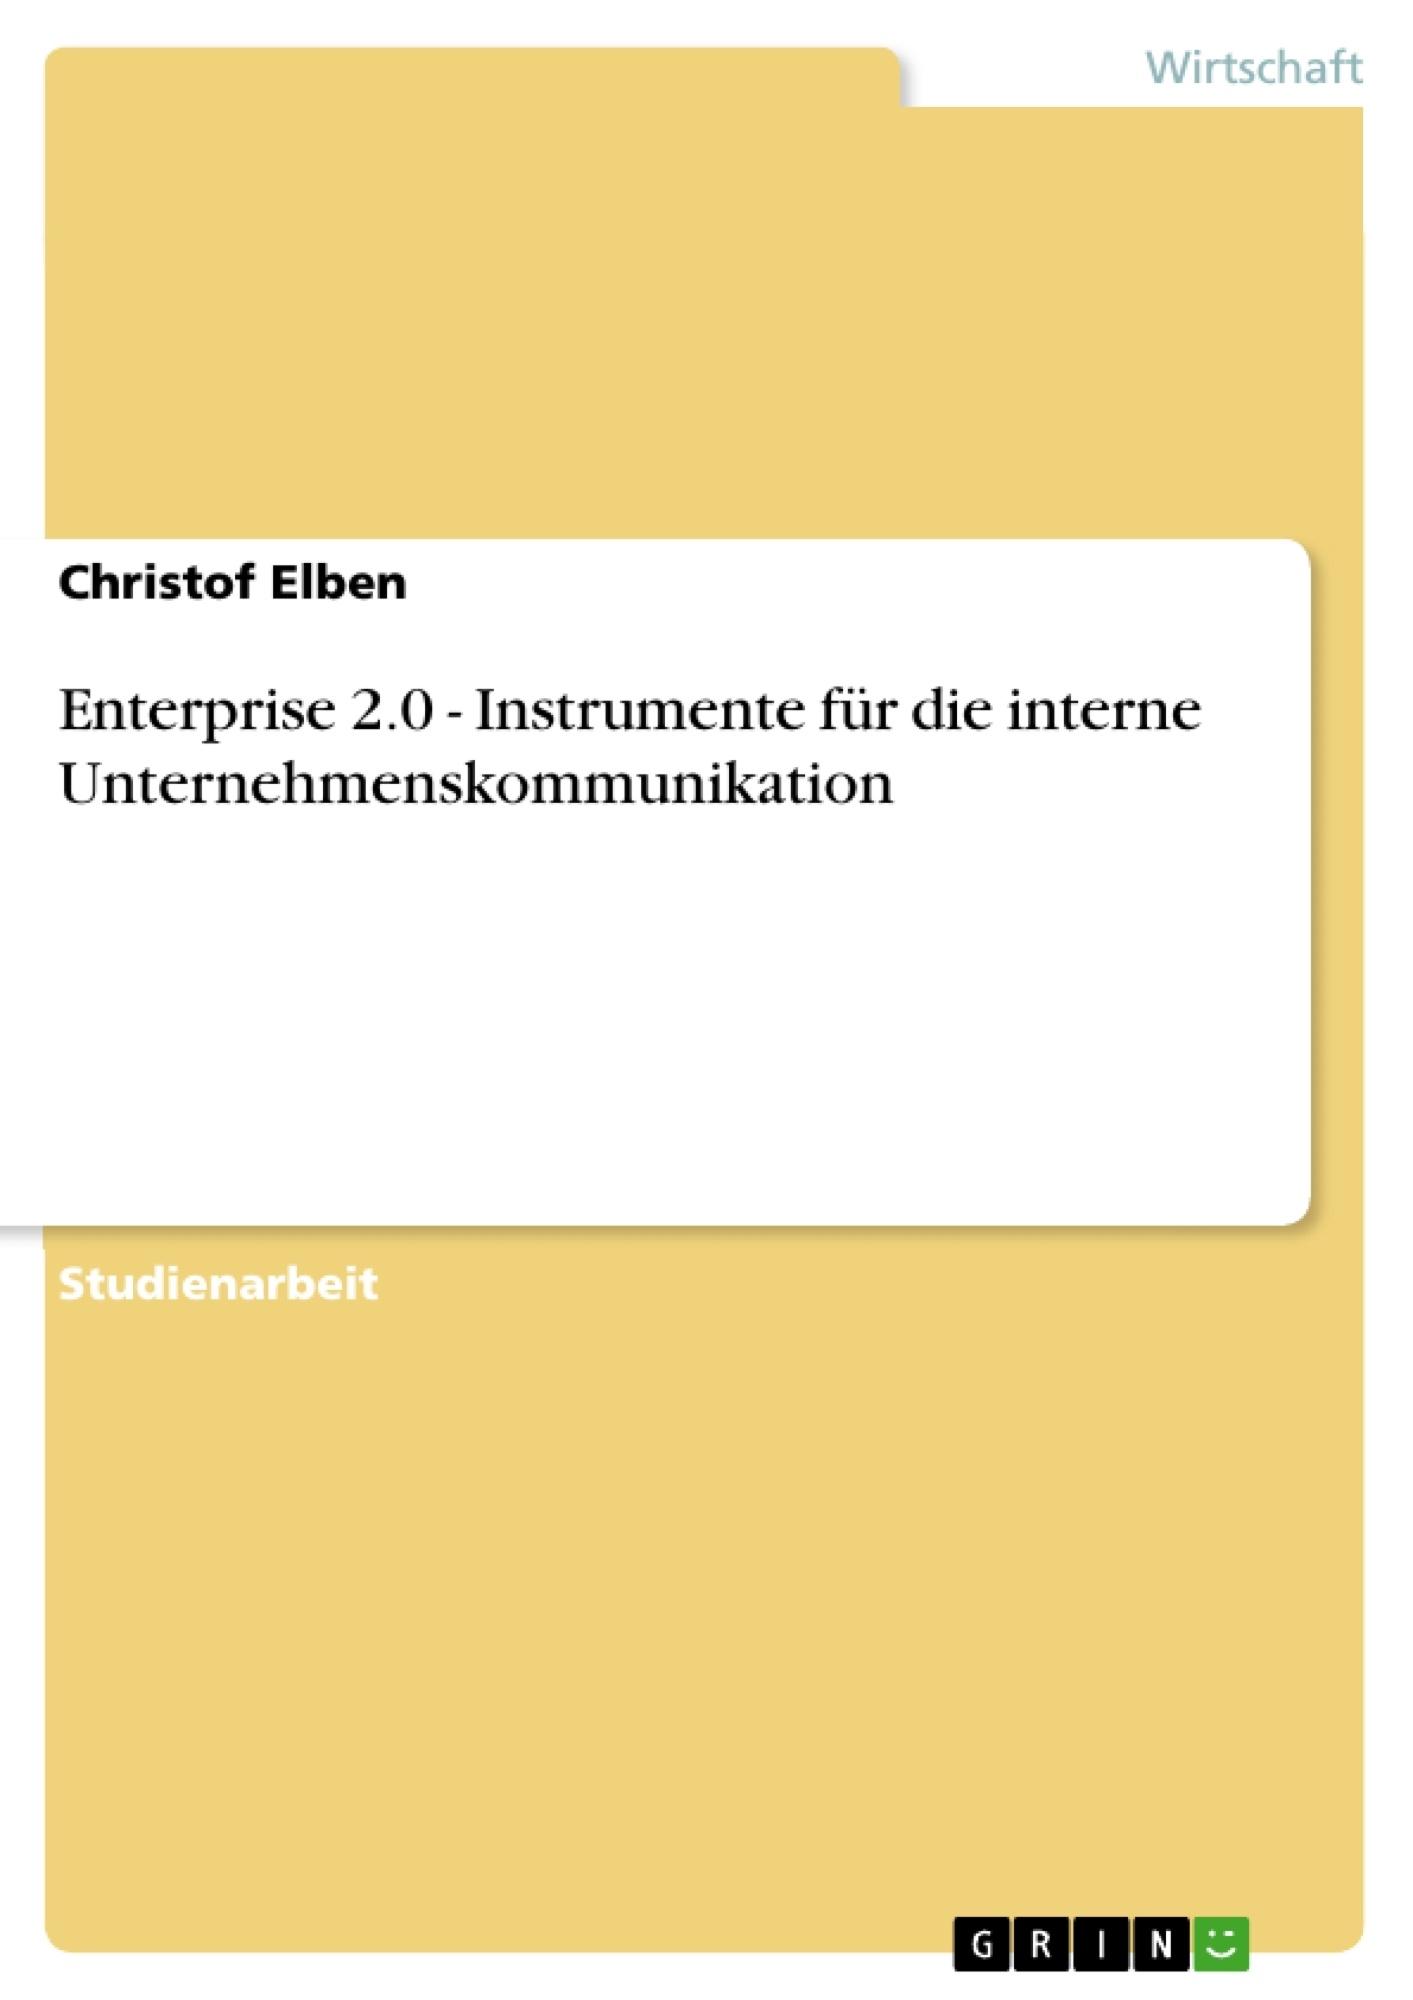 Titel: Enterprise 2.0 - Instrumente für die interne Unternehmenskommunikation